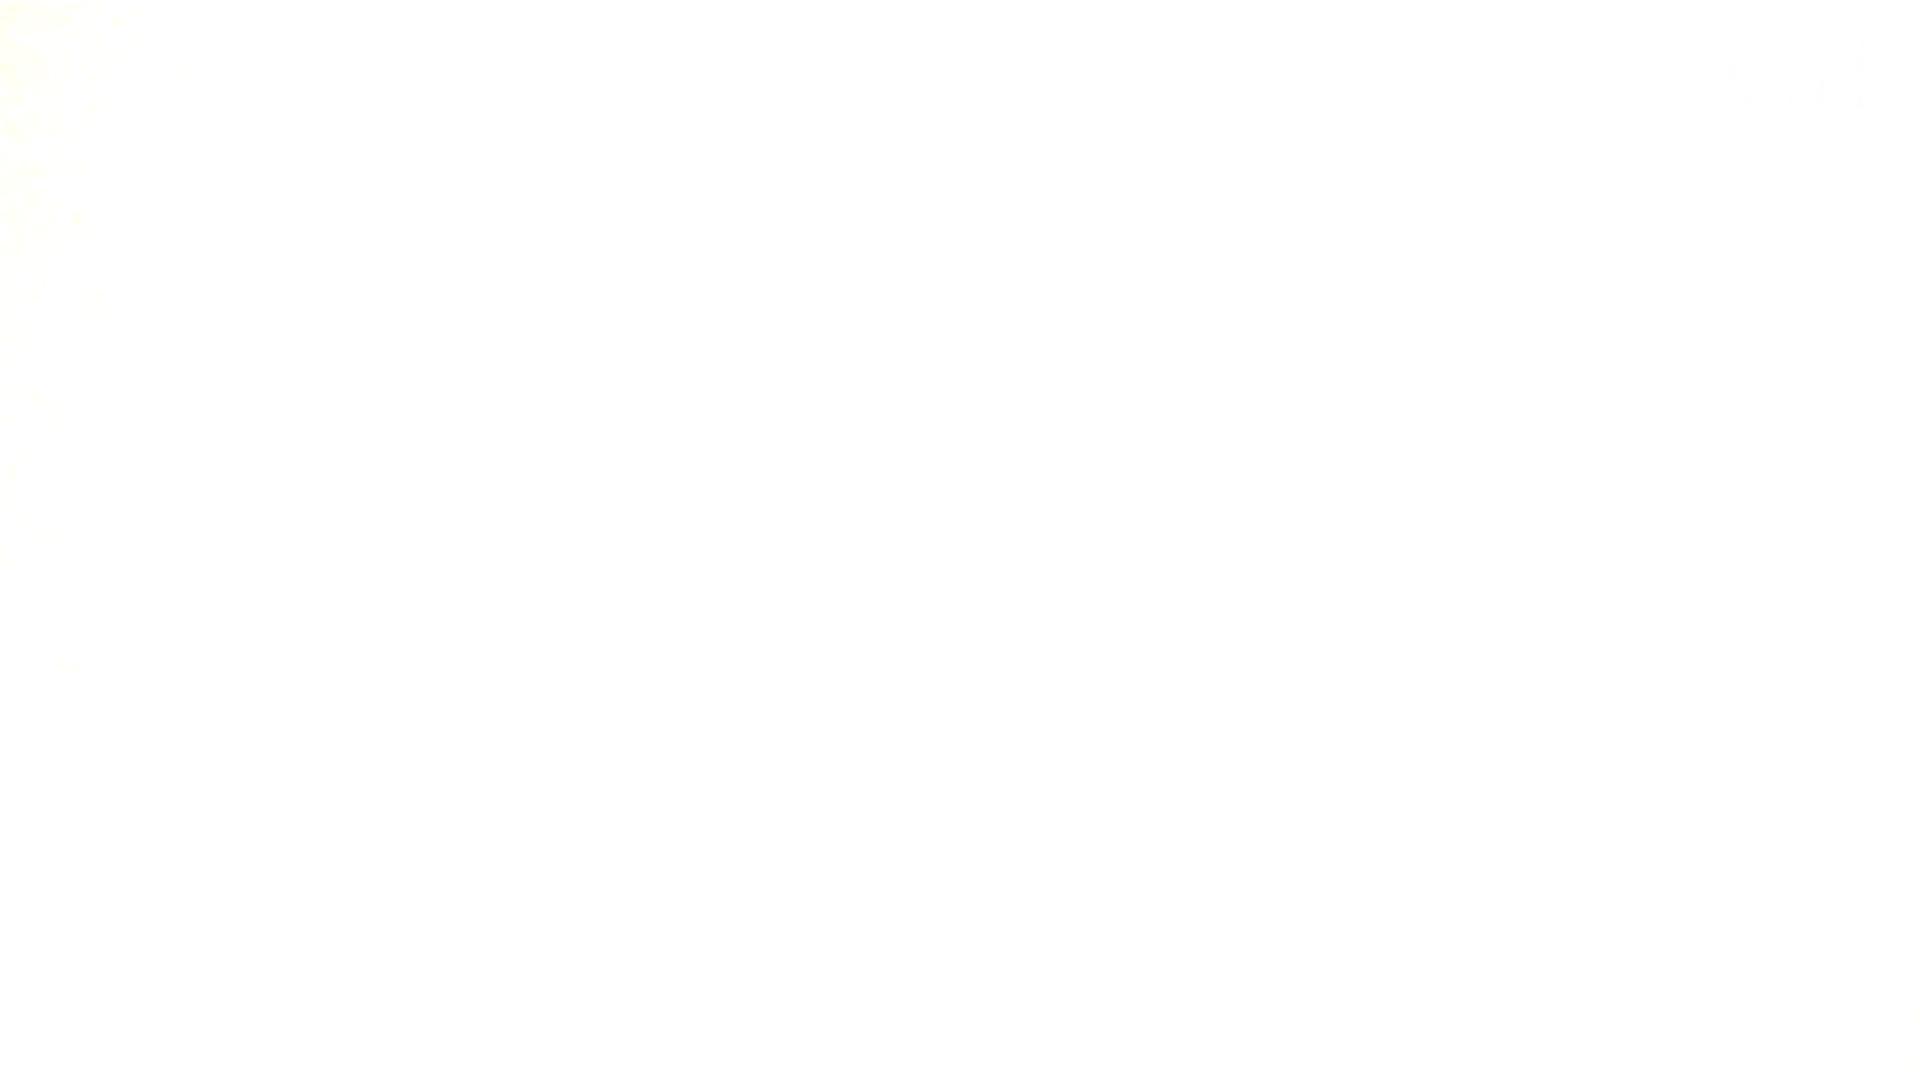 至高下半身盗撮-PREMIUM-【院内病棟編 】VOL1 高画質動画 戯れ無修正画像 81画像 78